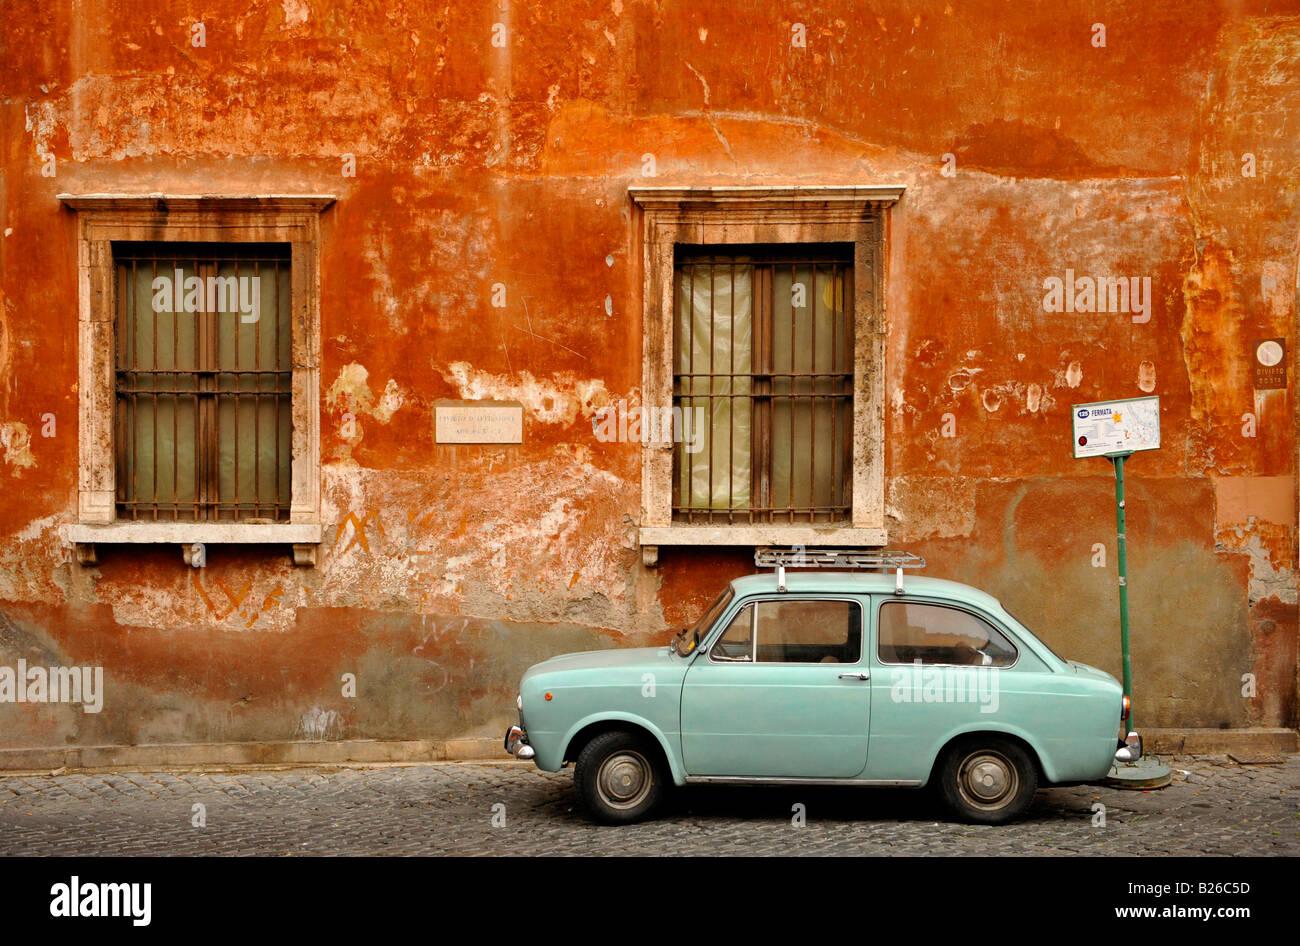 Parete di casa con una Fiat 850 davanti, Trastevere, Roma, Italia Foto Stock